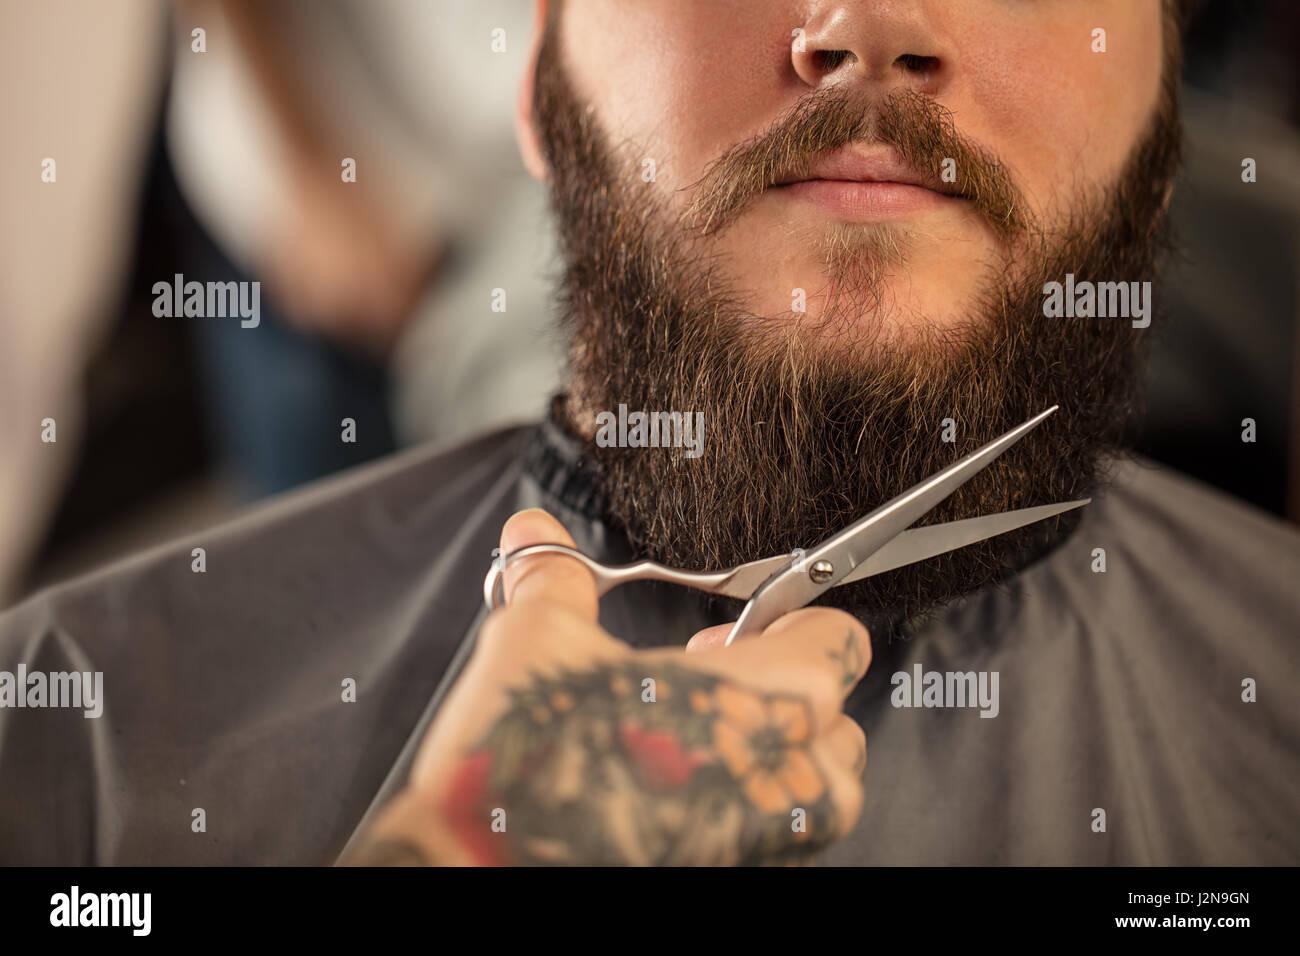 Barber with scissors shaving bearded man - Stock Image